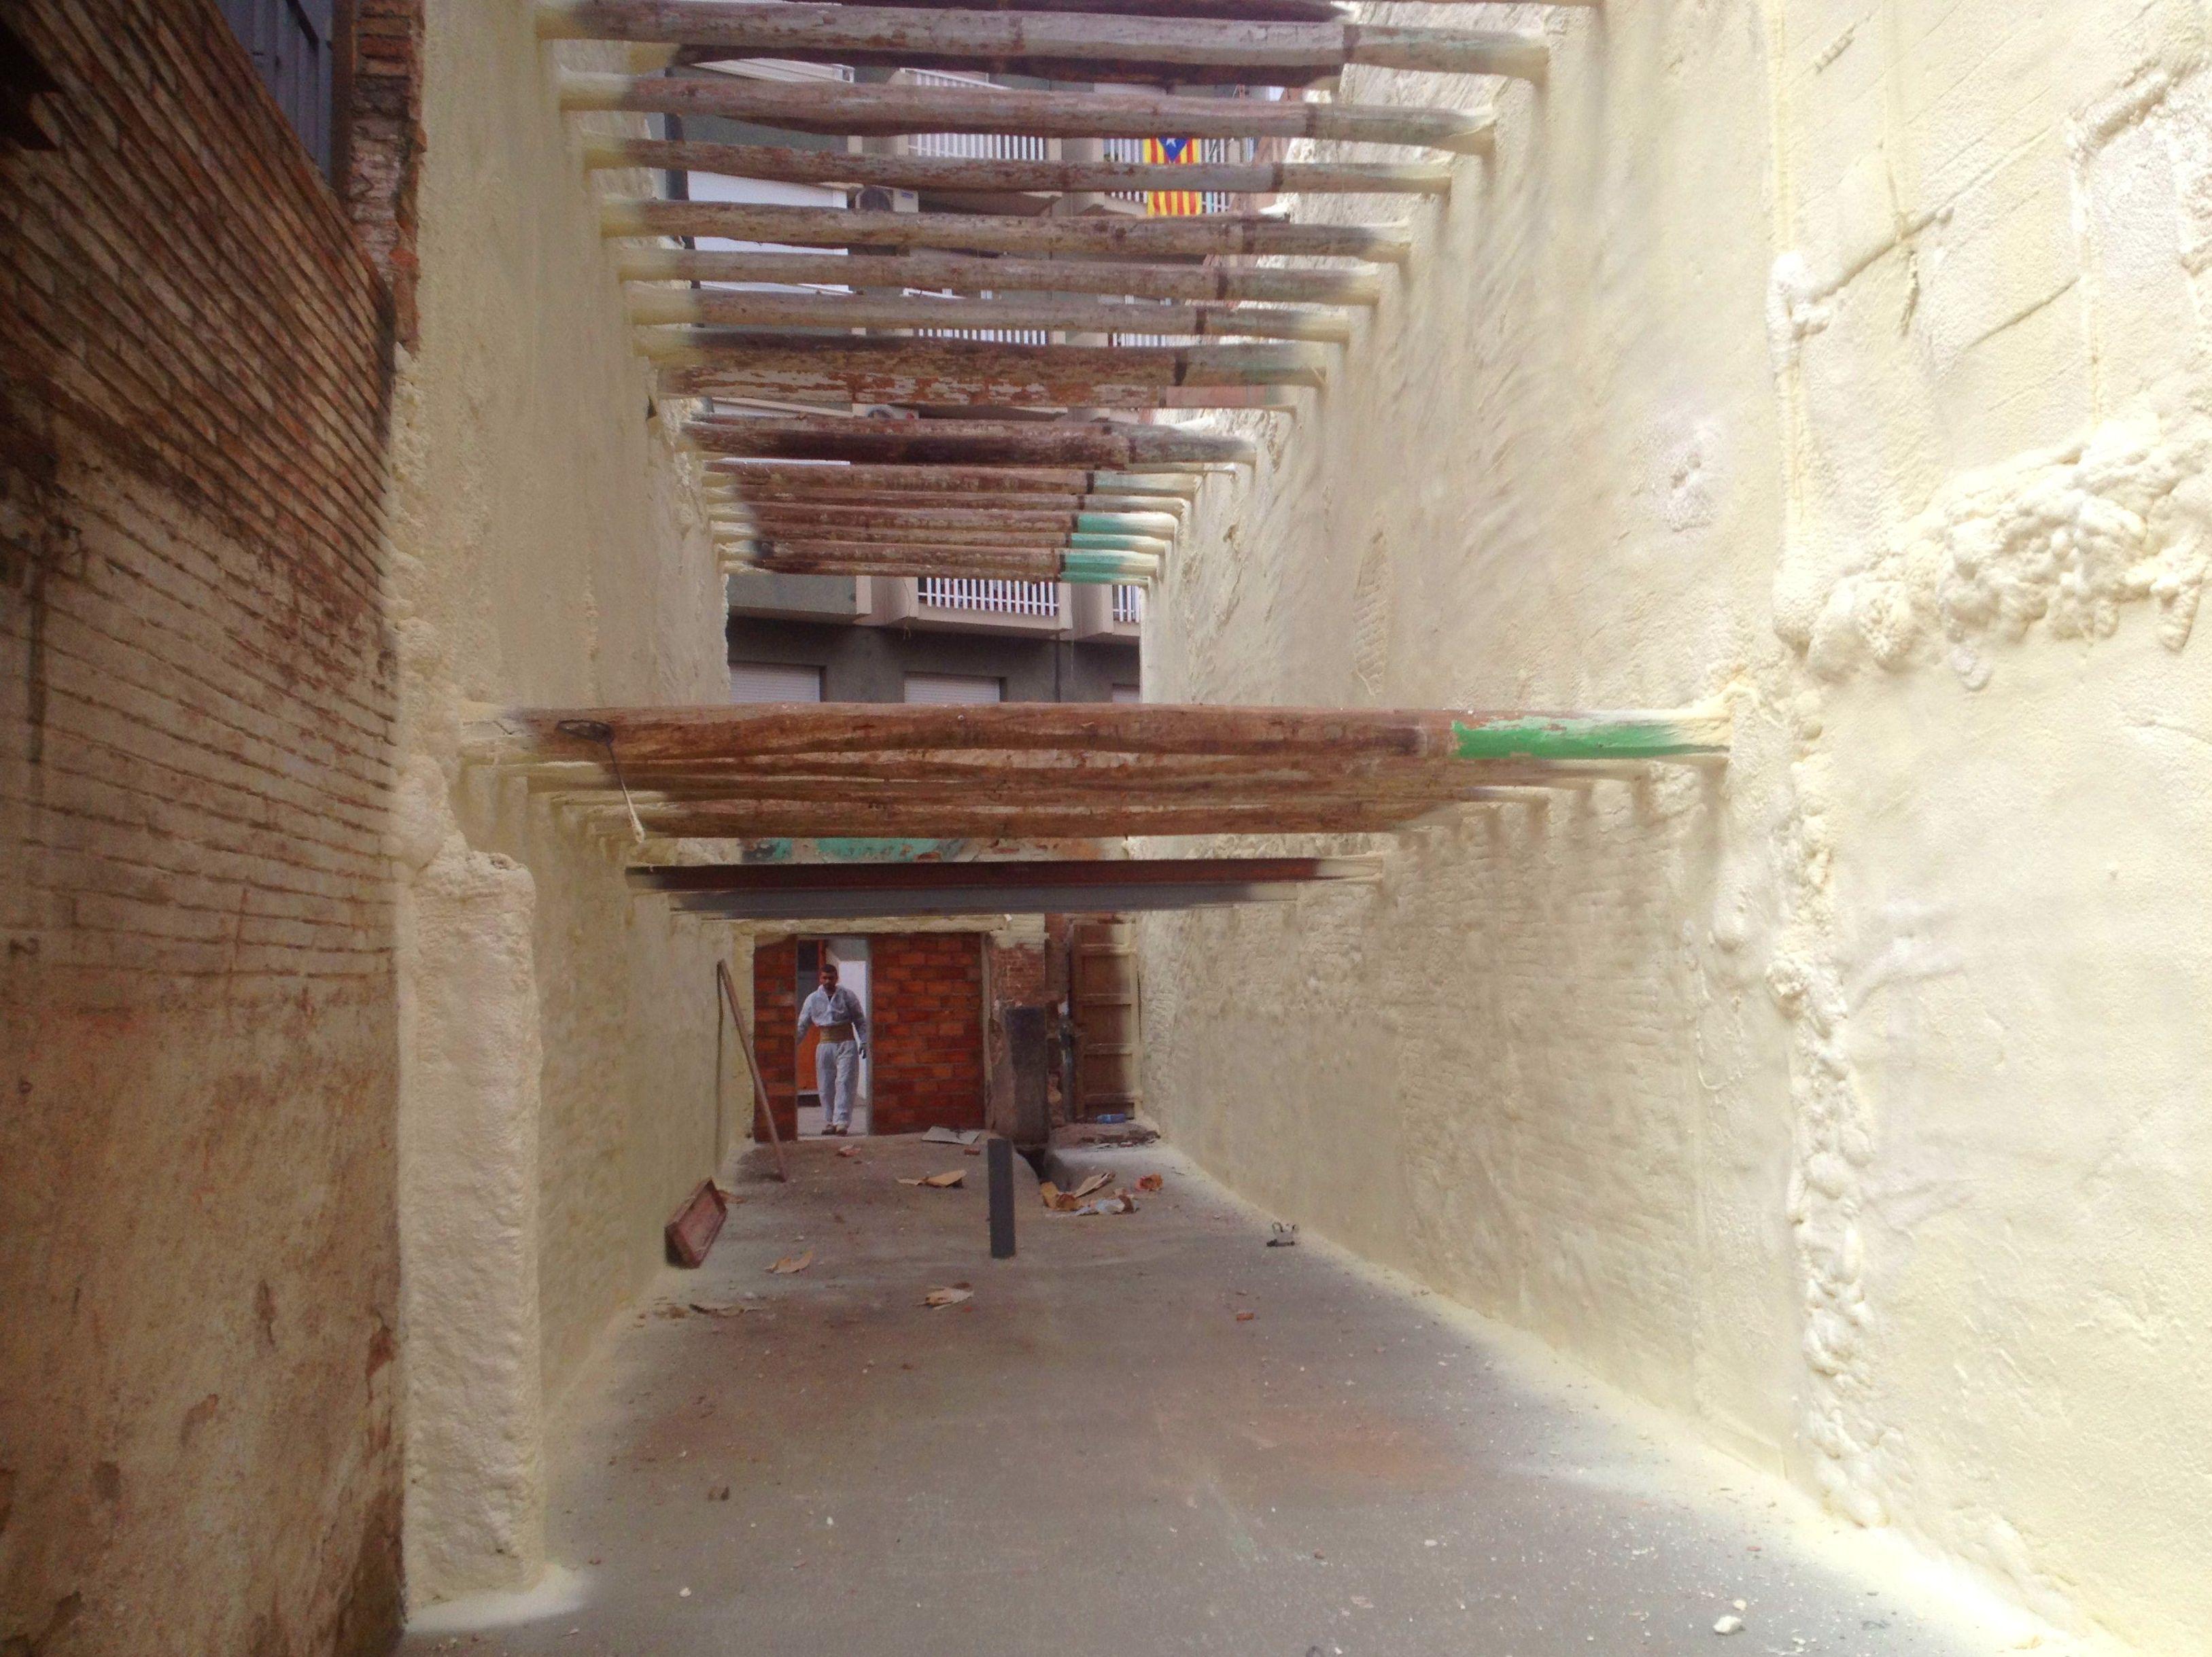 Servicios de aislamiento térmico de superficies para la construcción